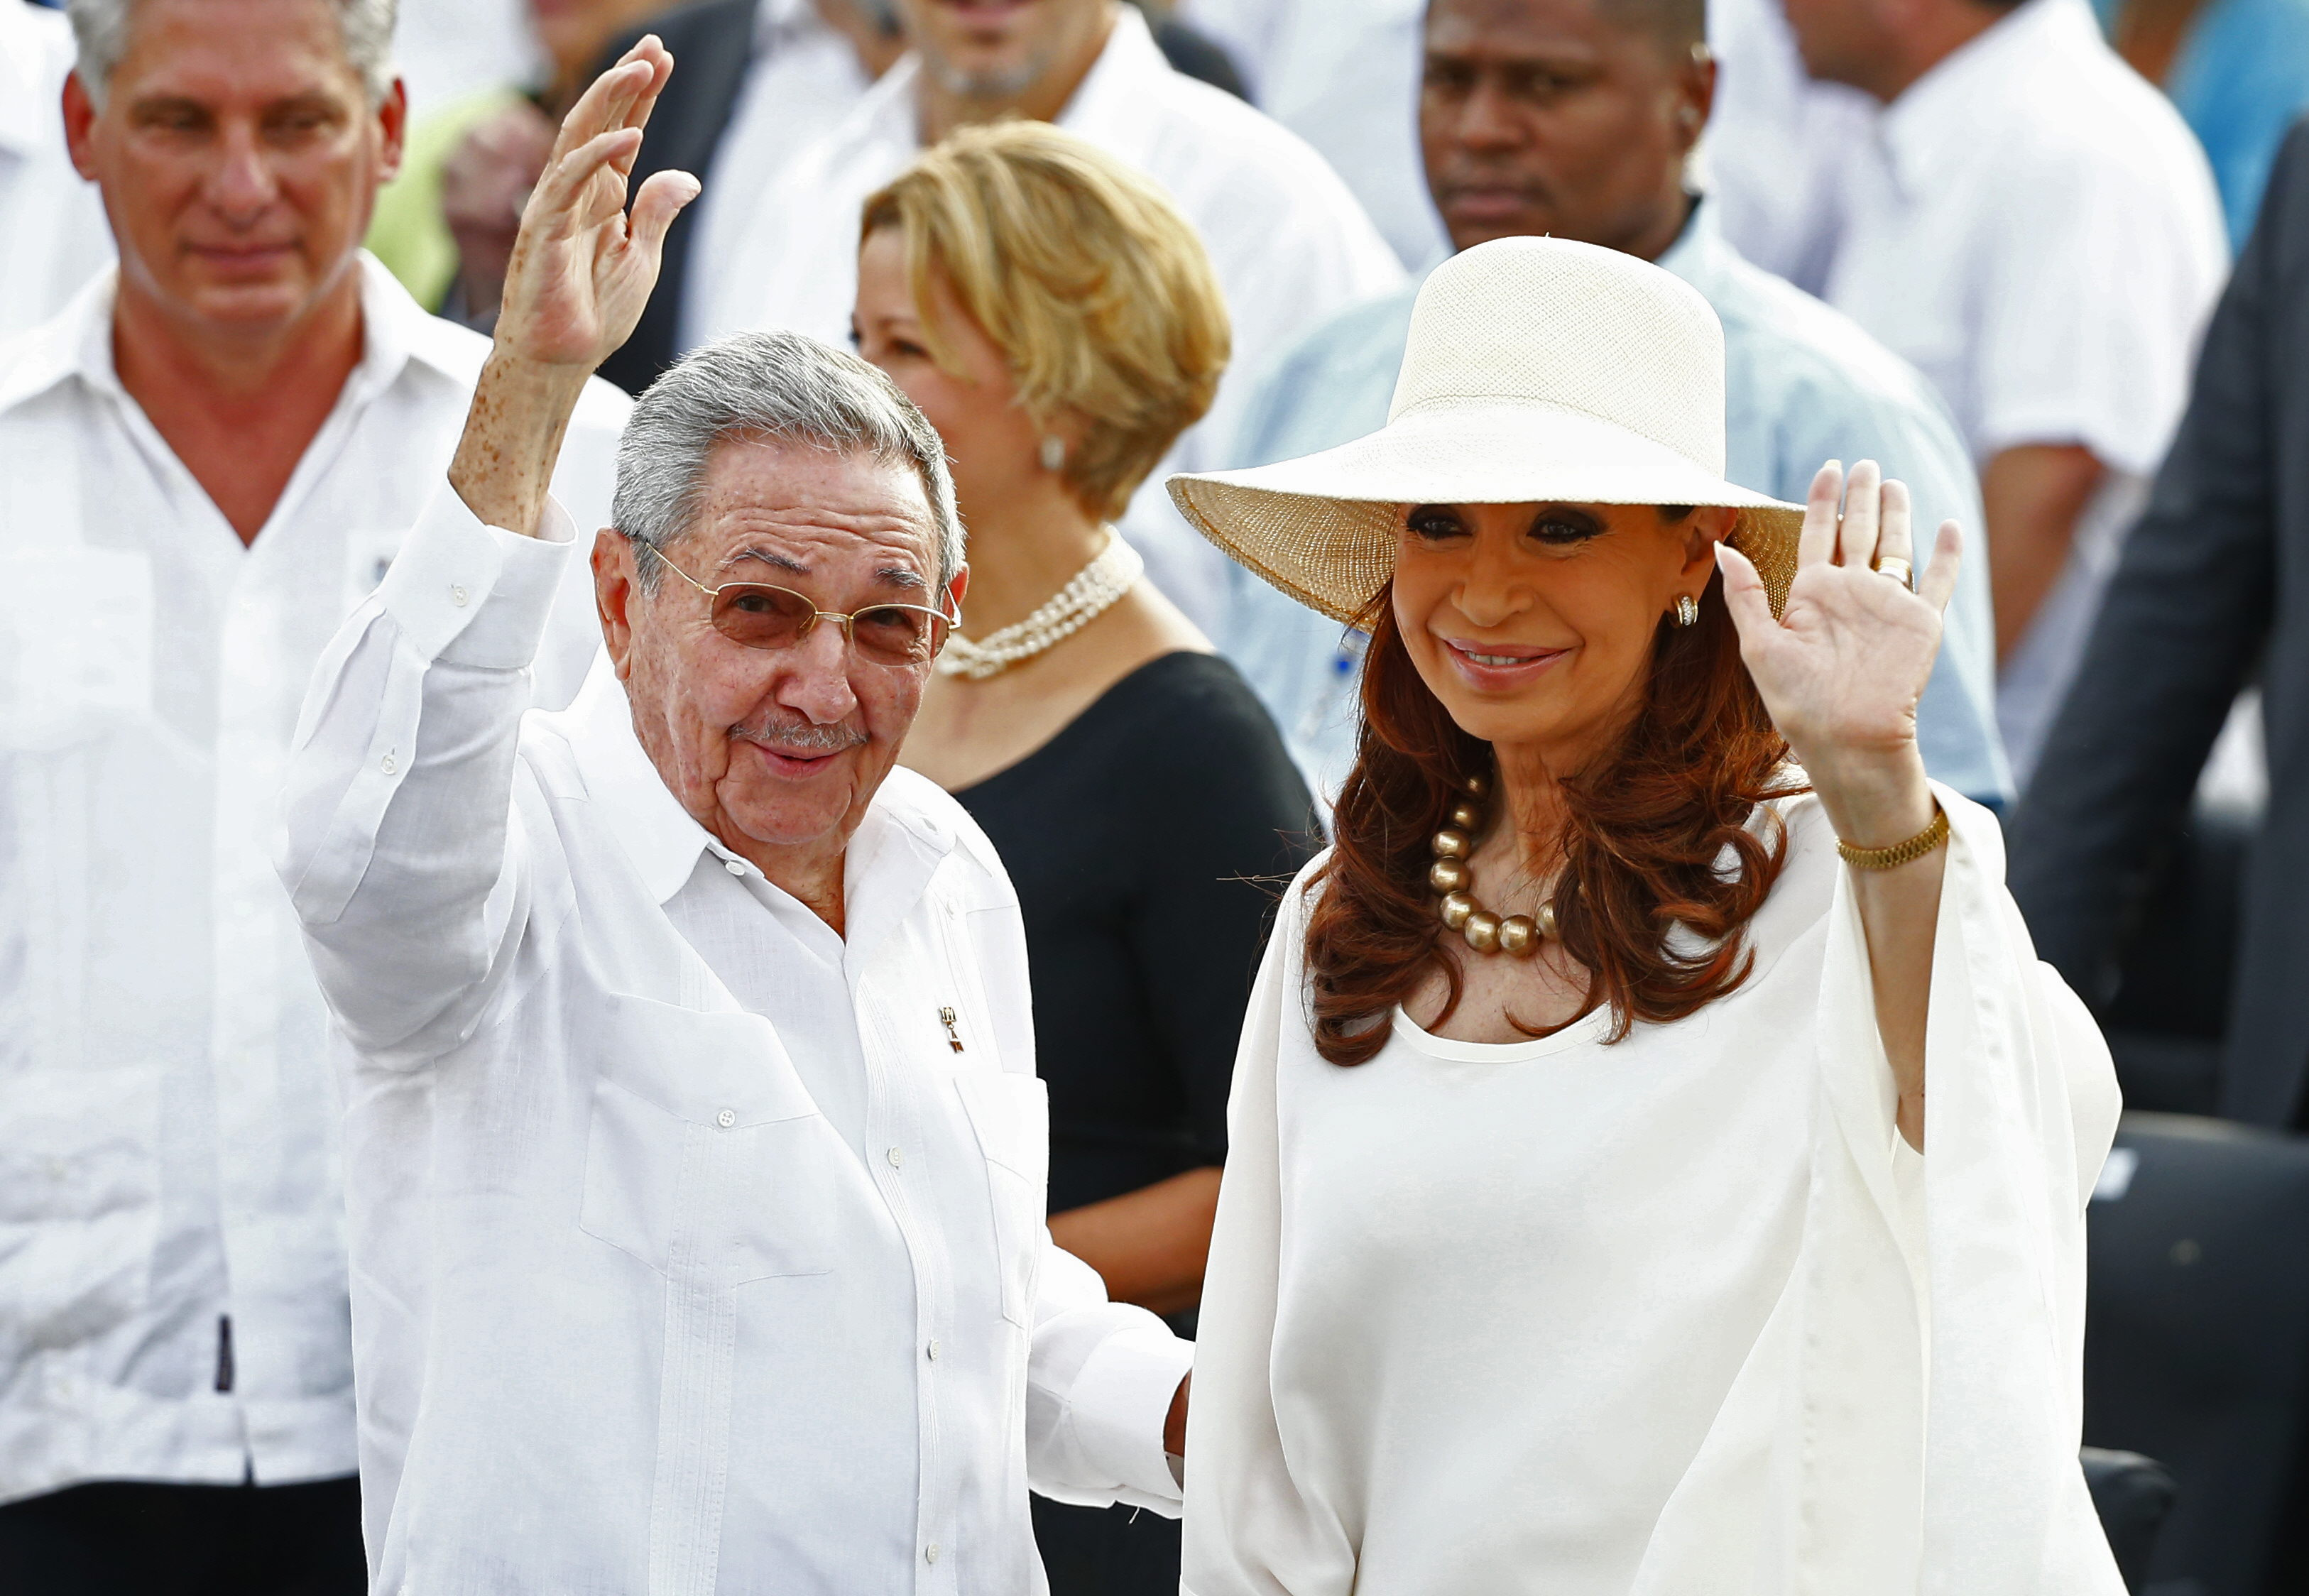 LA HABANA (CUBA), 20/09/2015.- El presidente de Cuba, Raúl Castro (i), y la mandataria de Argentina, Cristina Fernández (d), asisten a la multitudinaria misa ofrecida por el papa Francisco, en la Plaza de la Revolución de La Habana (Cuba), hoy, domingo 20 de septiembre de 2015, ante miles de cubanos y fieles. EFE/Tony Gentile/POOL